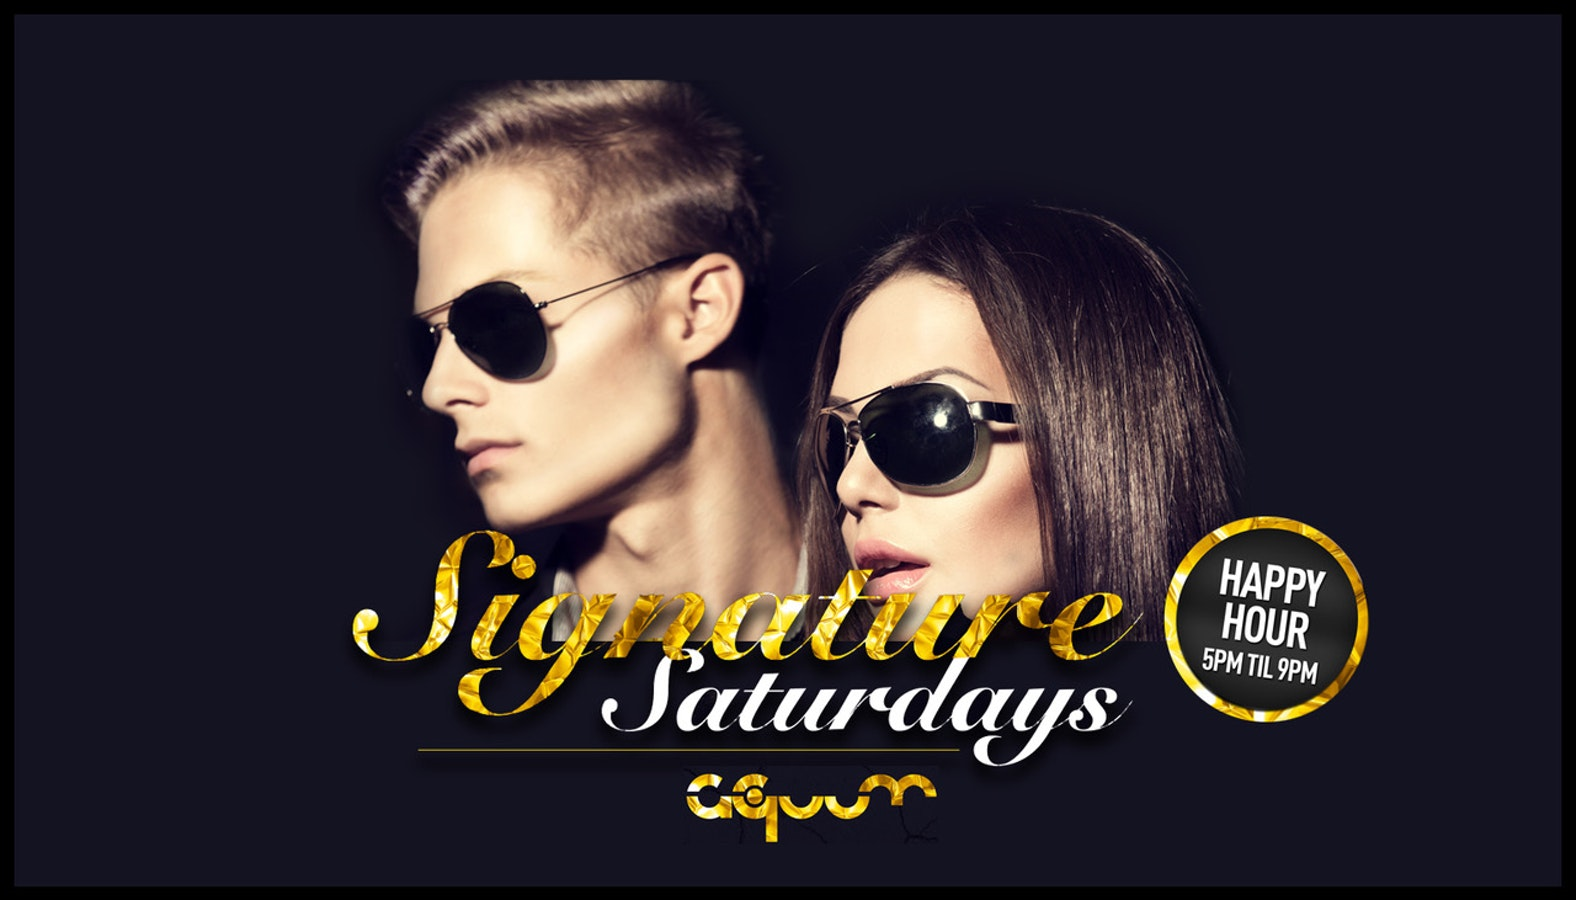 Signature Saturdays